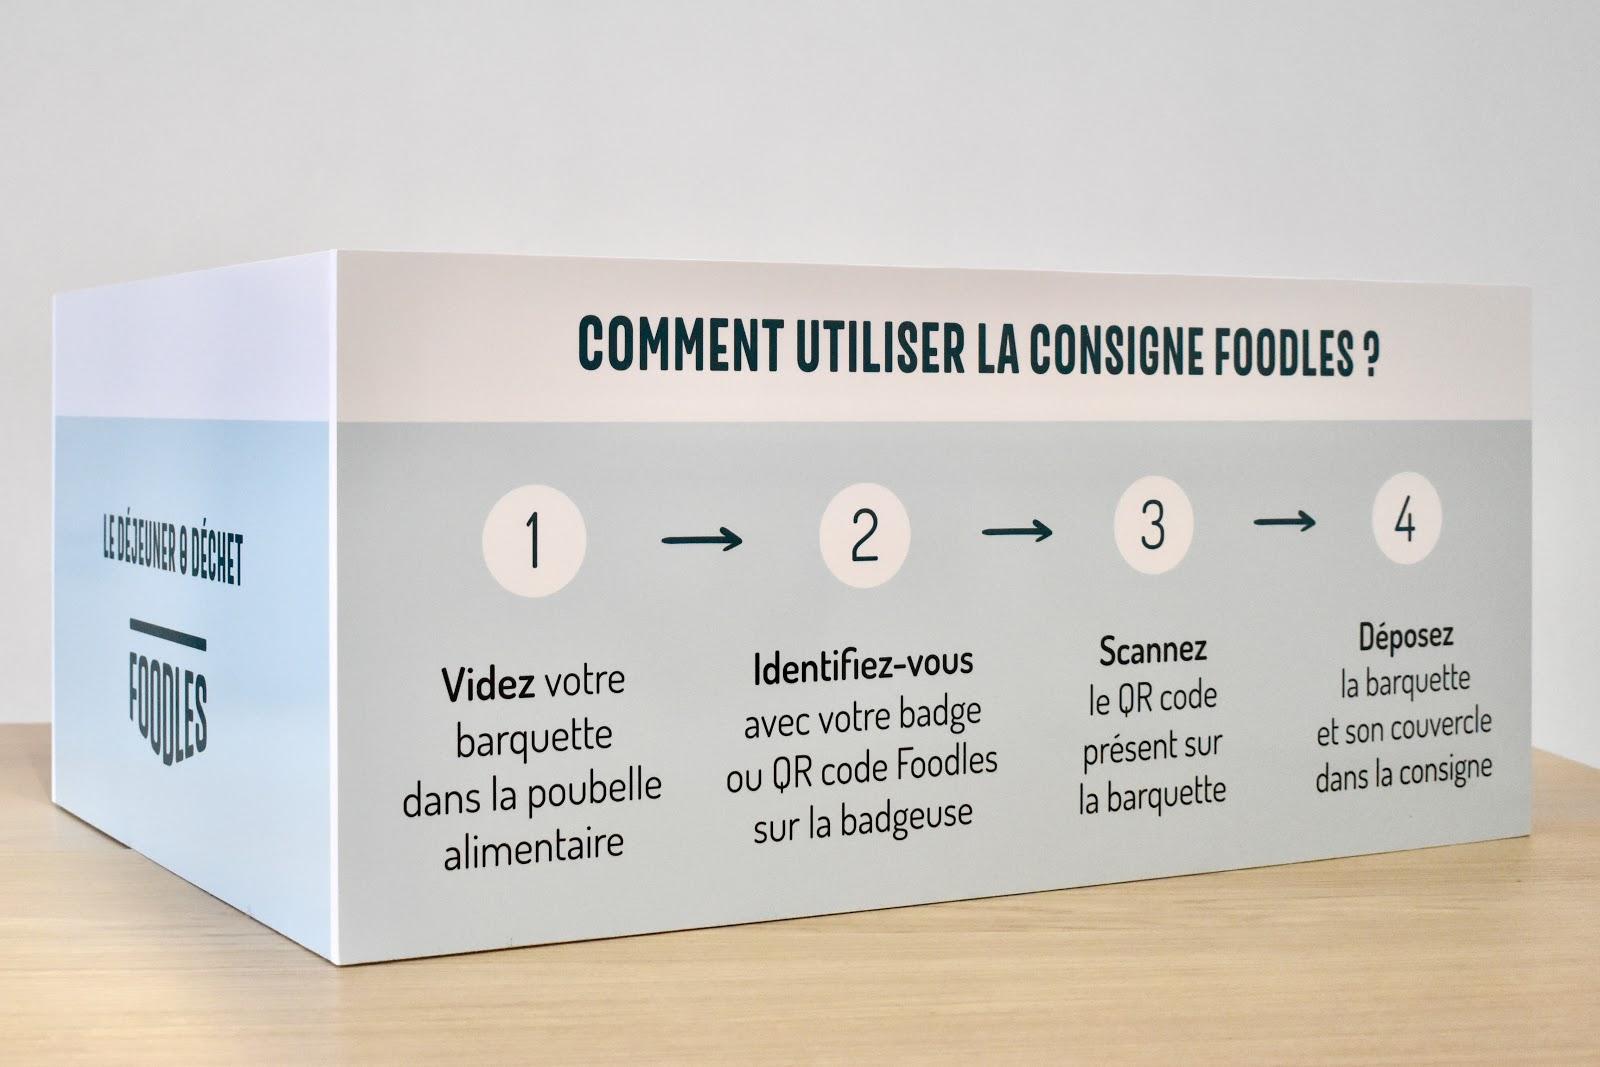 FoodlesProcessConsignes - Cantine d'entreprise zéro déchets : Foodles teste l'utilisation de consignes